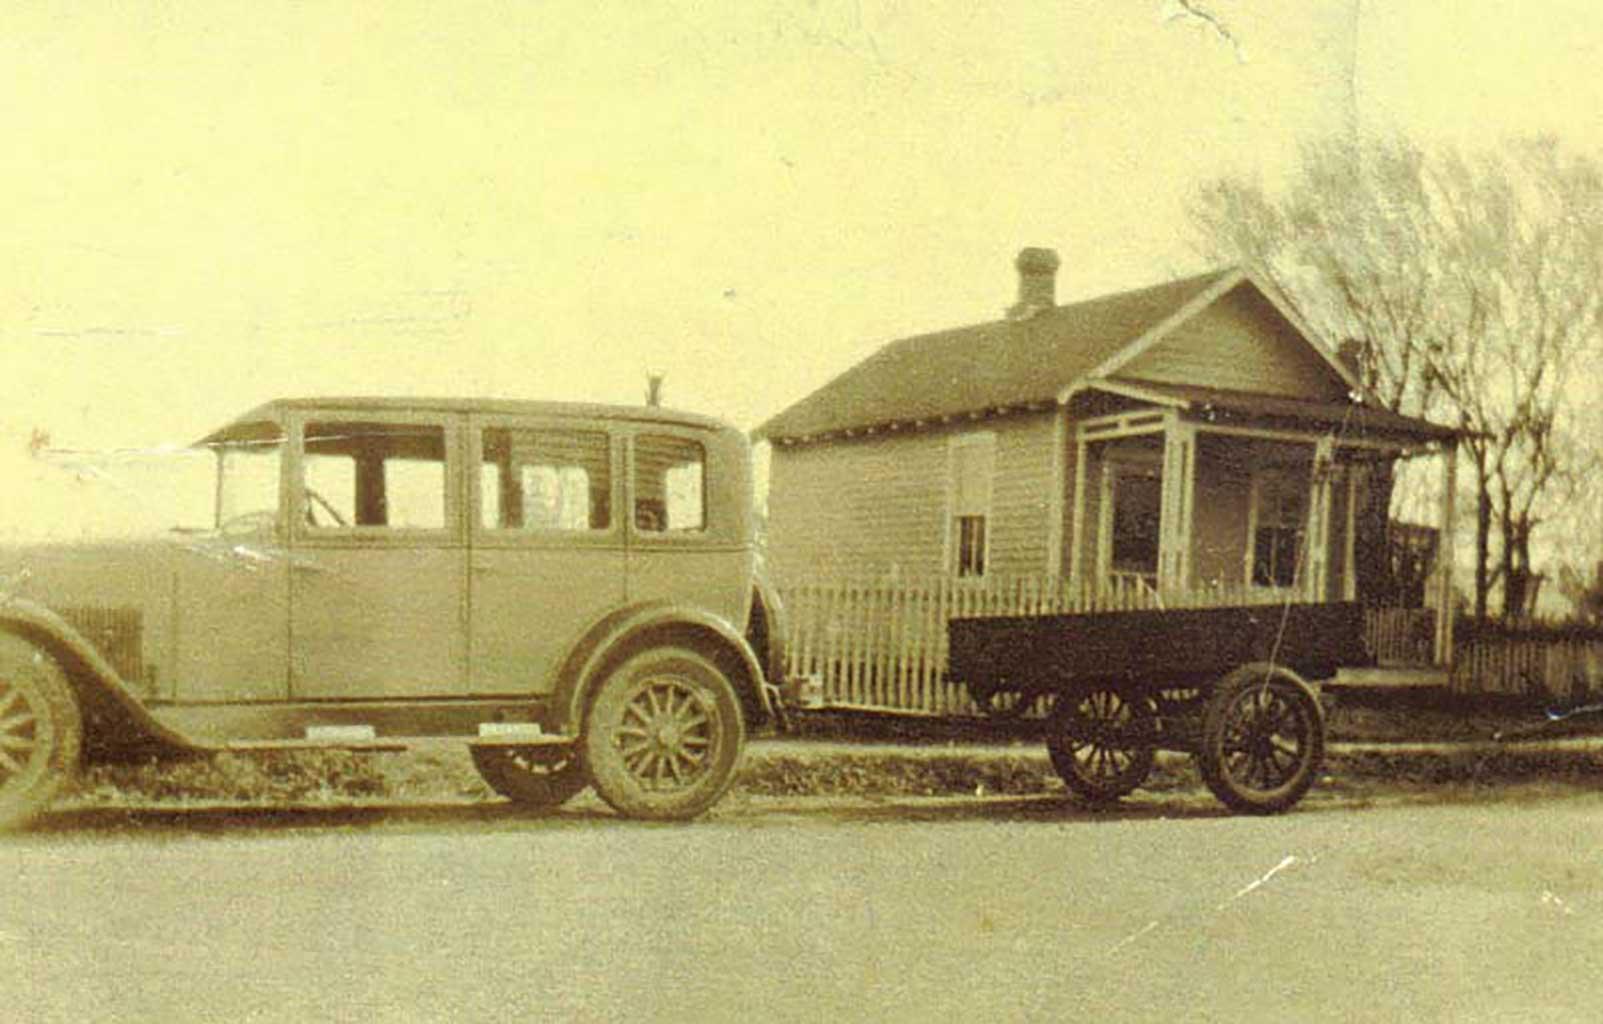 office-of-dr-l-l-eley-c1930-eugenia-e-stroupe-photo